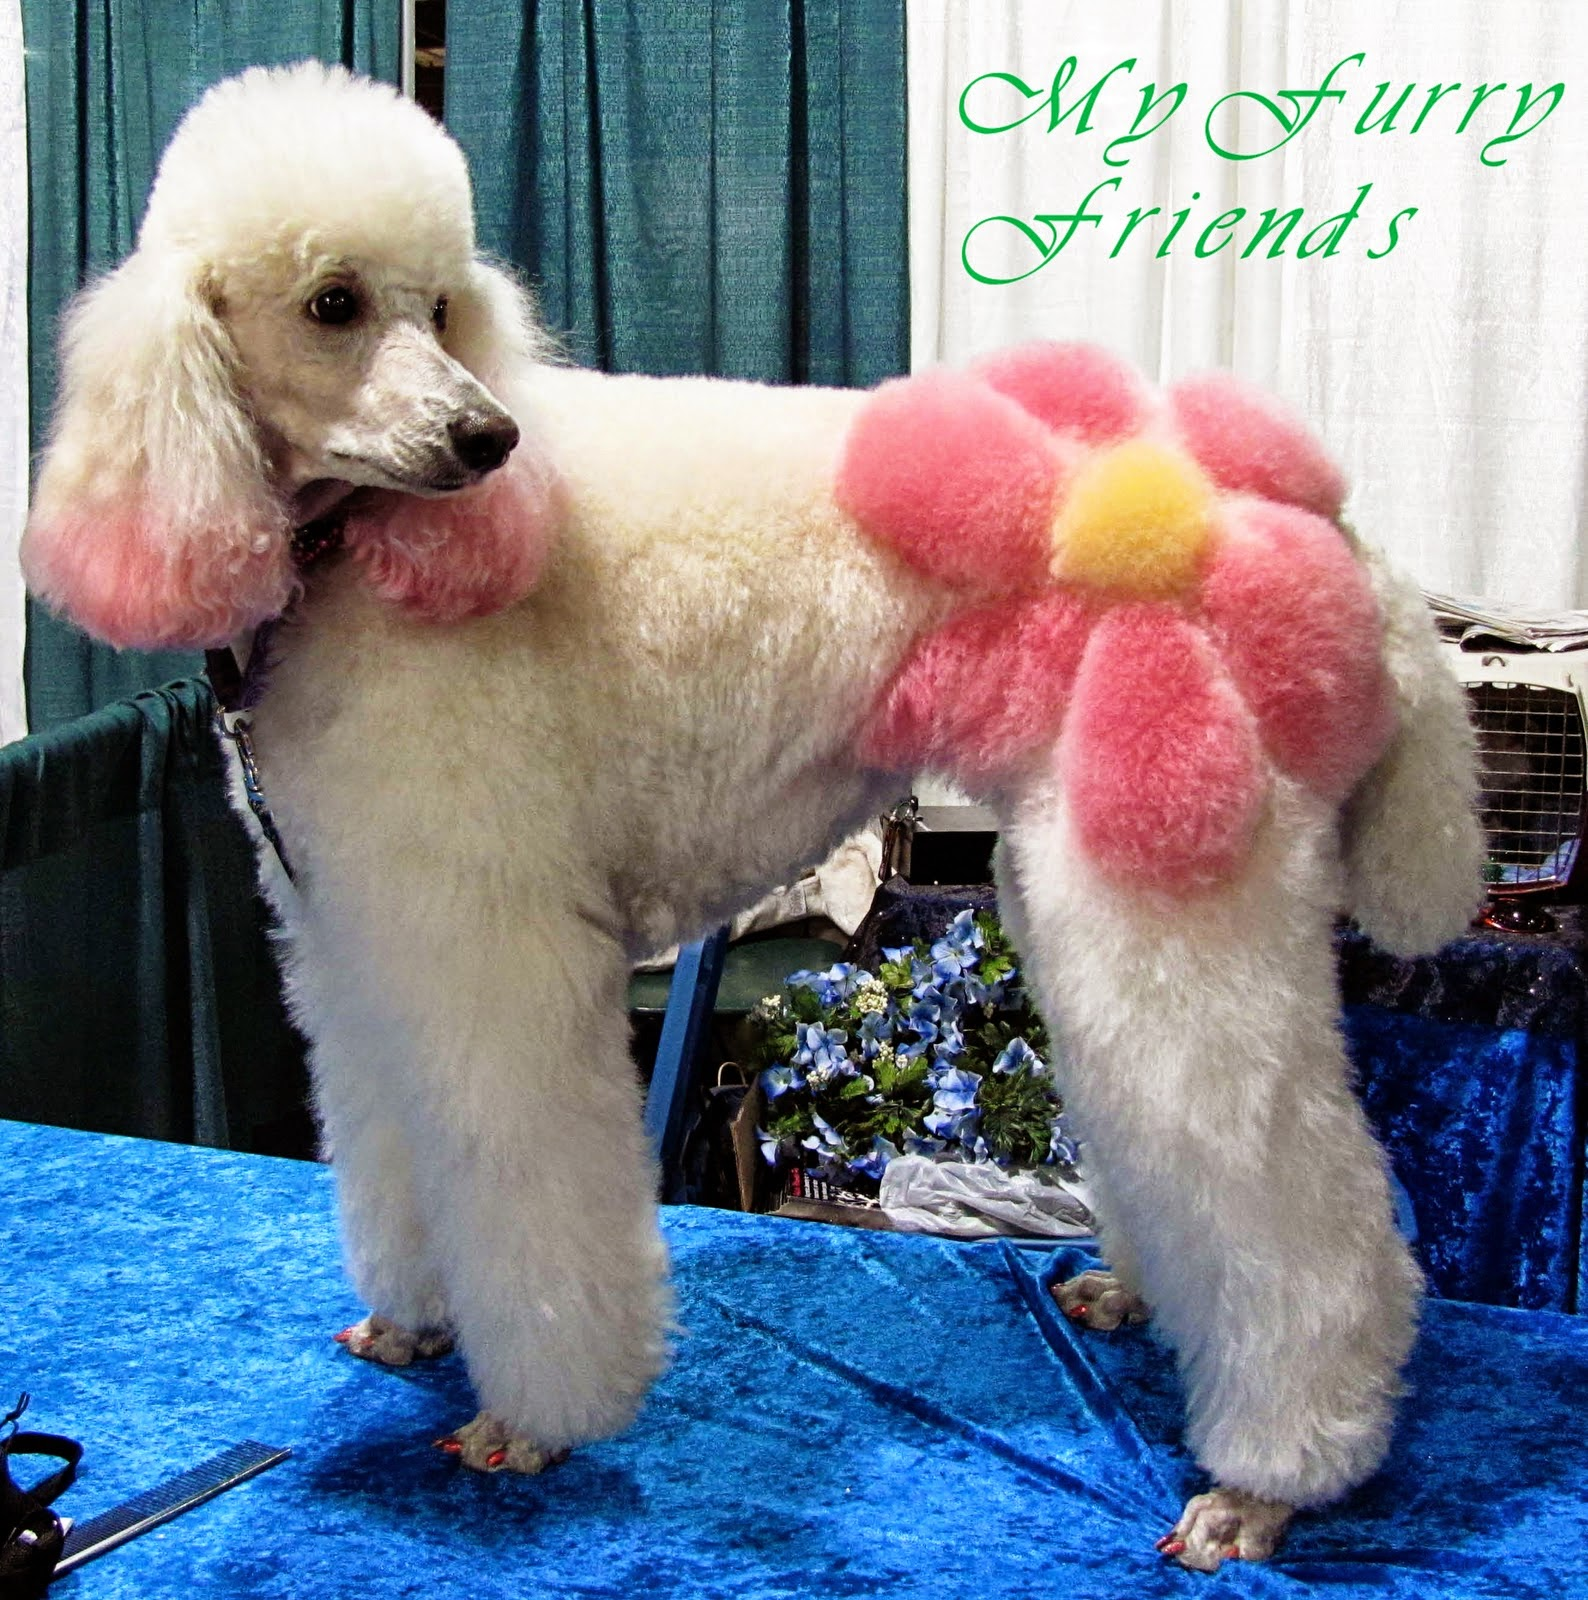 teñir, pelo, teñir con tizas de colores, manualidades, estetica, mascotas